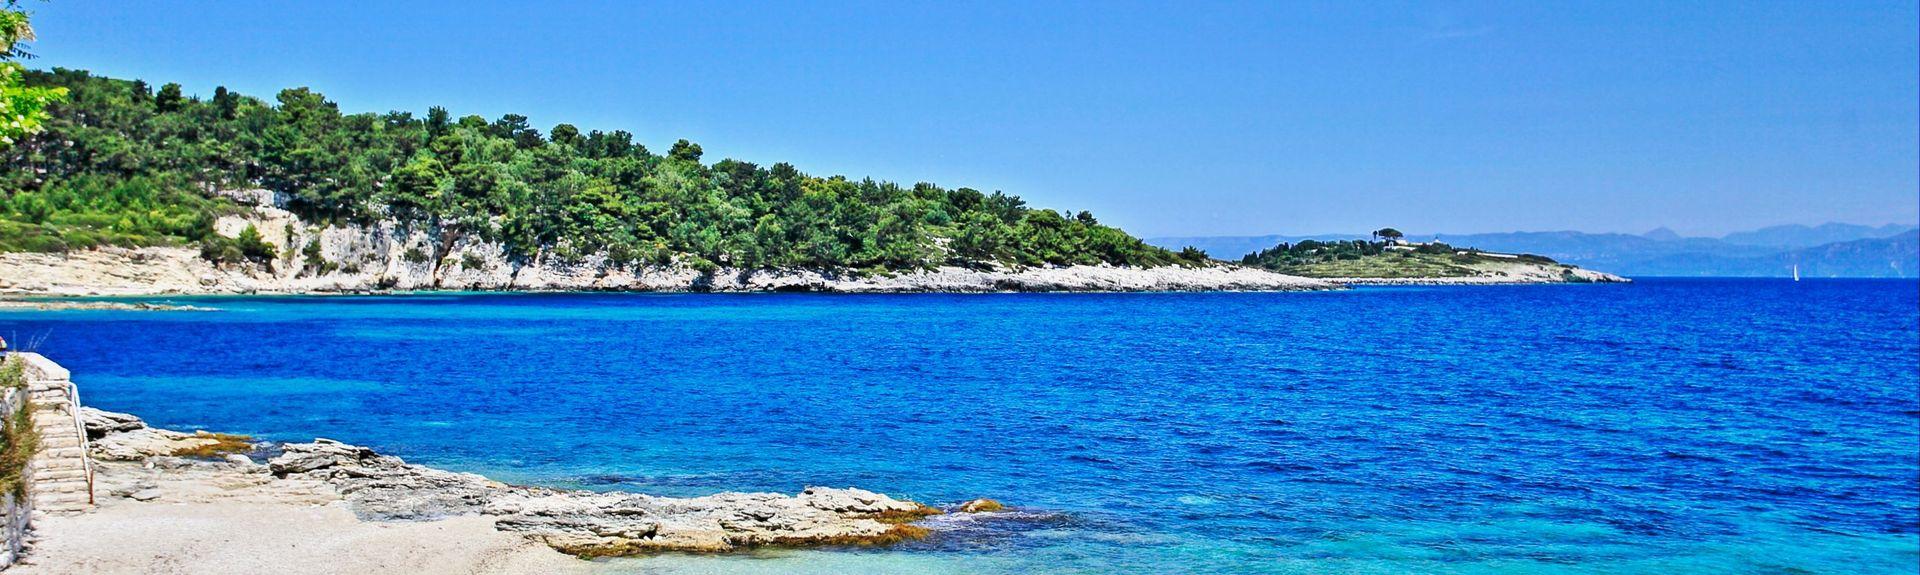 Plage d'Avlaki, Paxos, Région des îles Ioniennes, Grèce